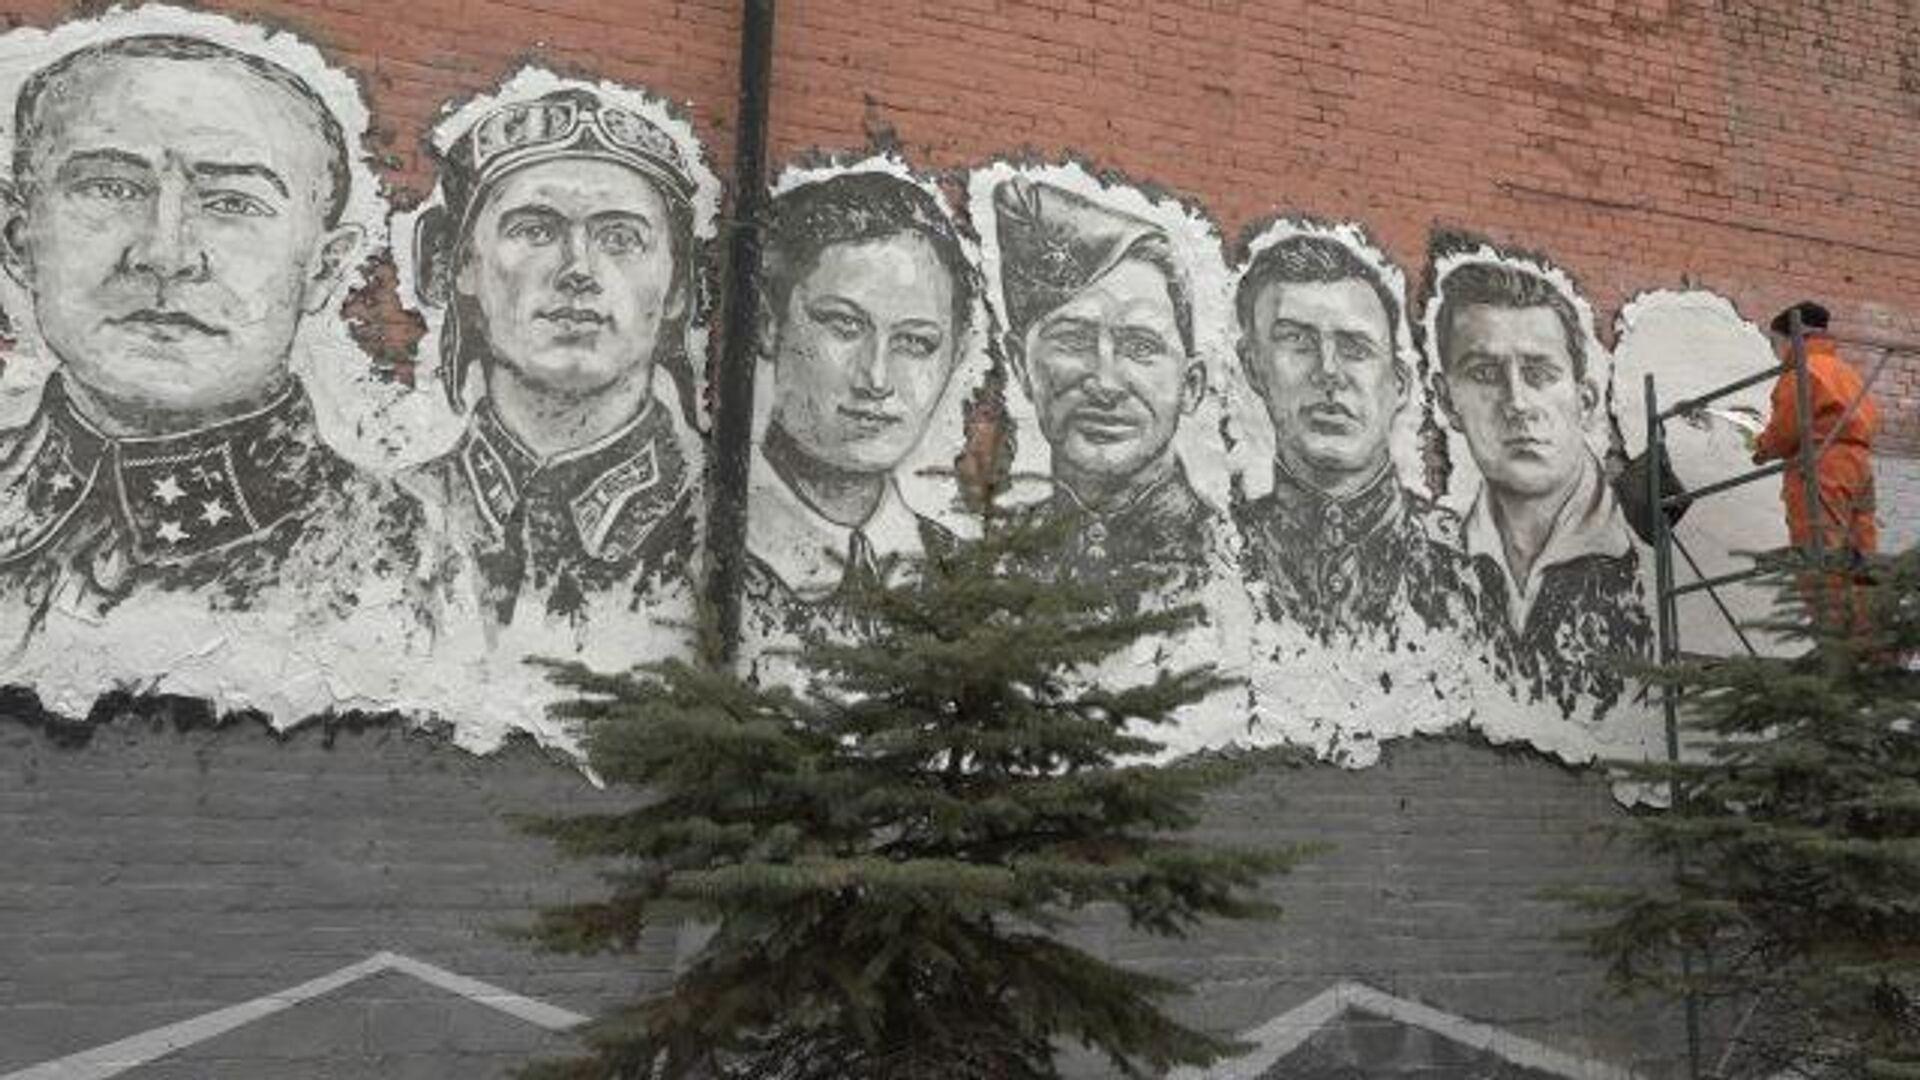 Стена памяти: барельефы героев ВОВ на фасаде здания во Владивостоке - РИА Новости, 1920, 30.04.2020